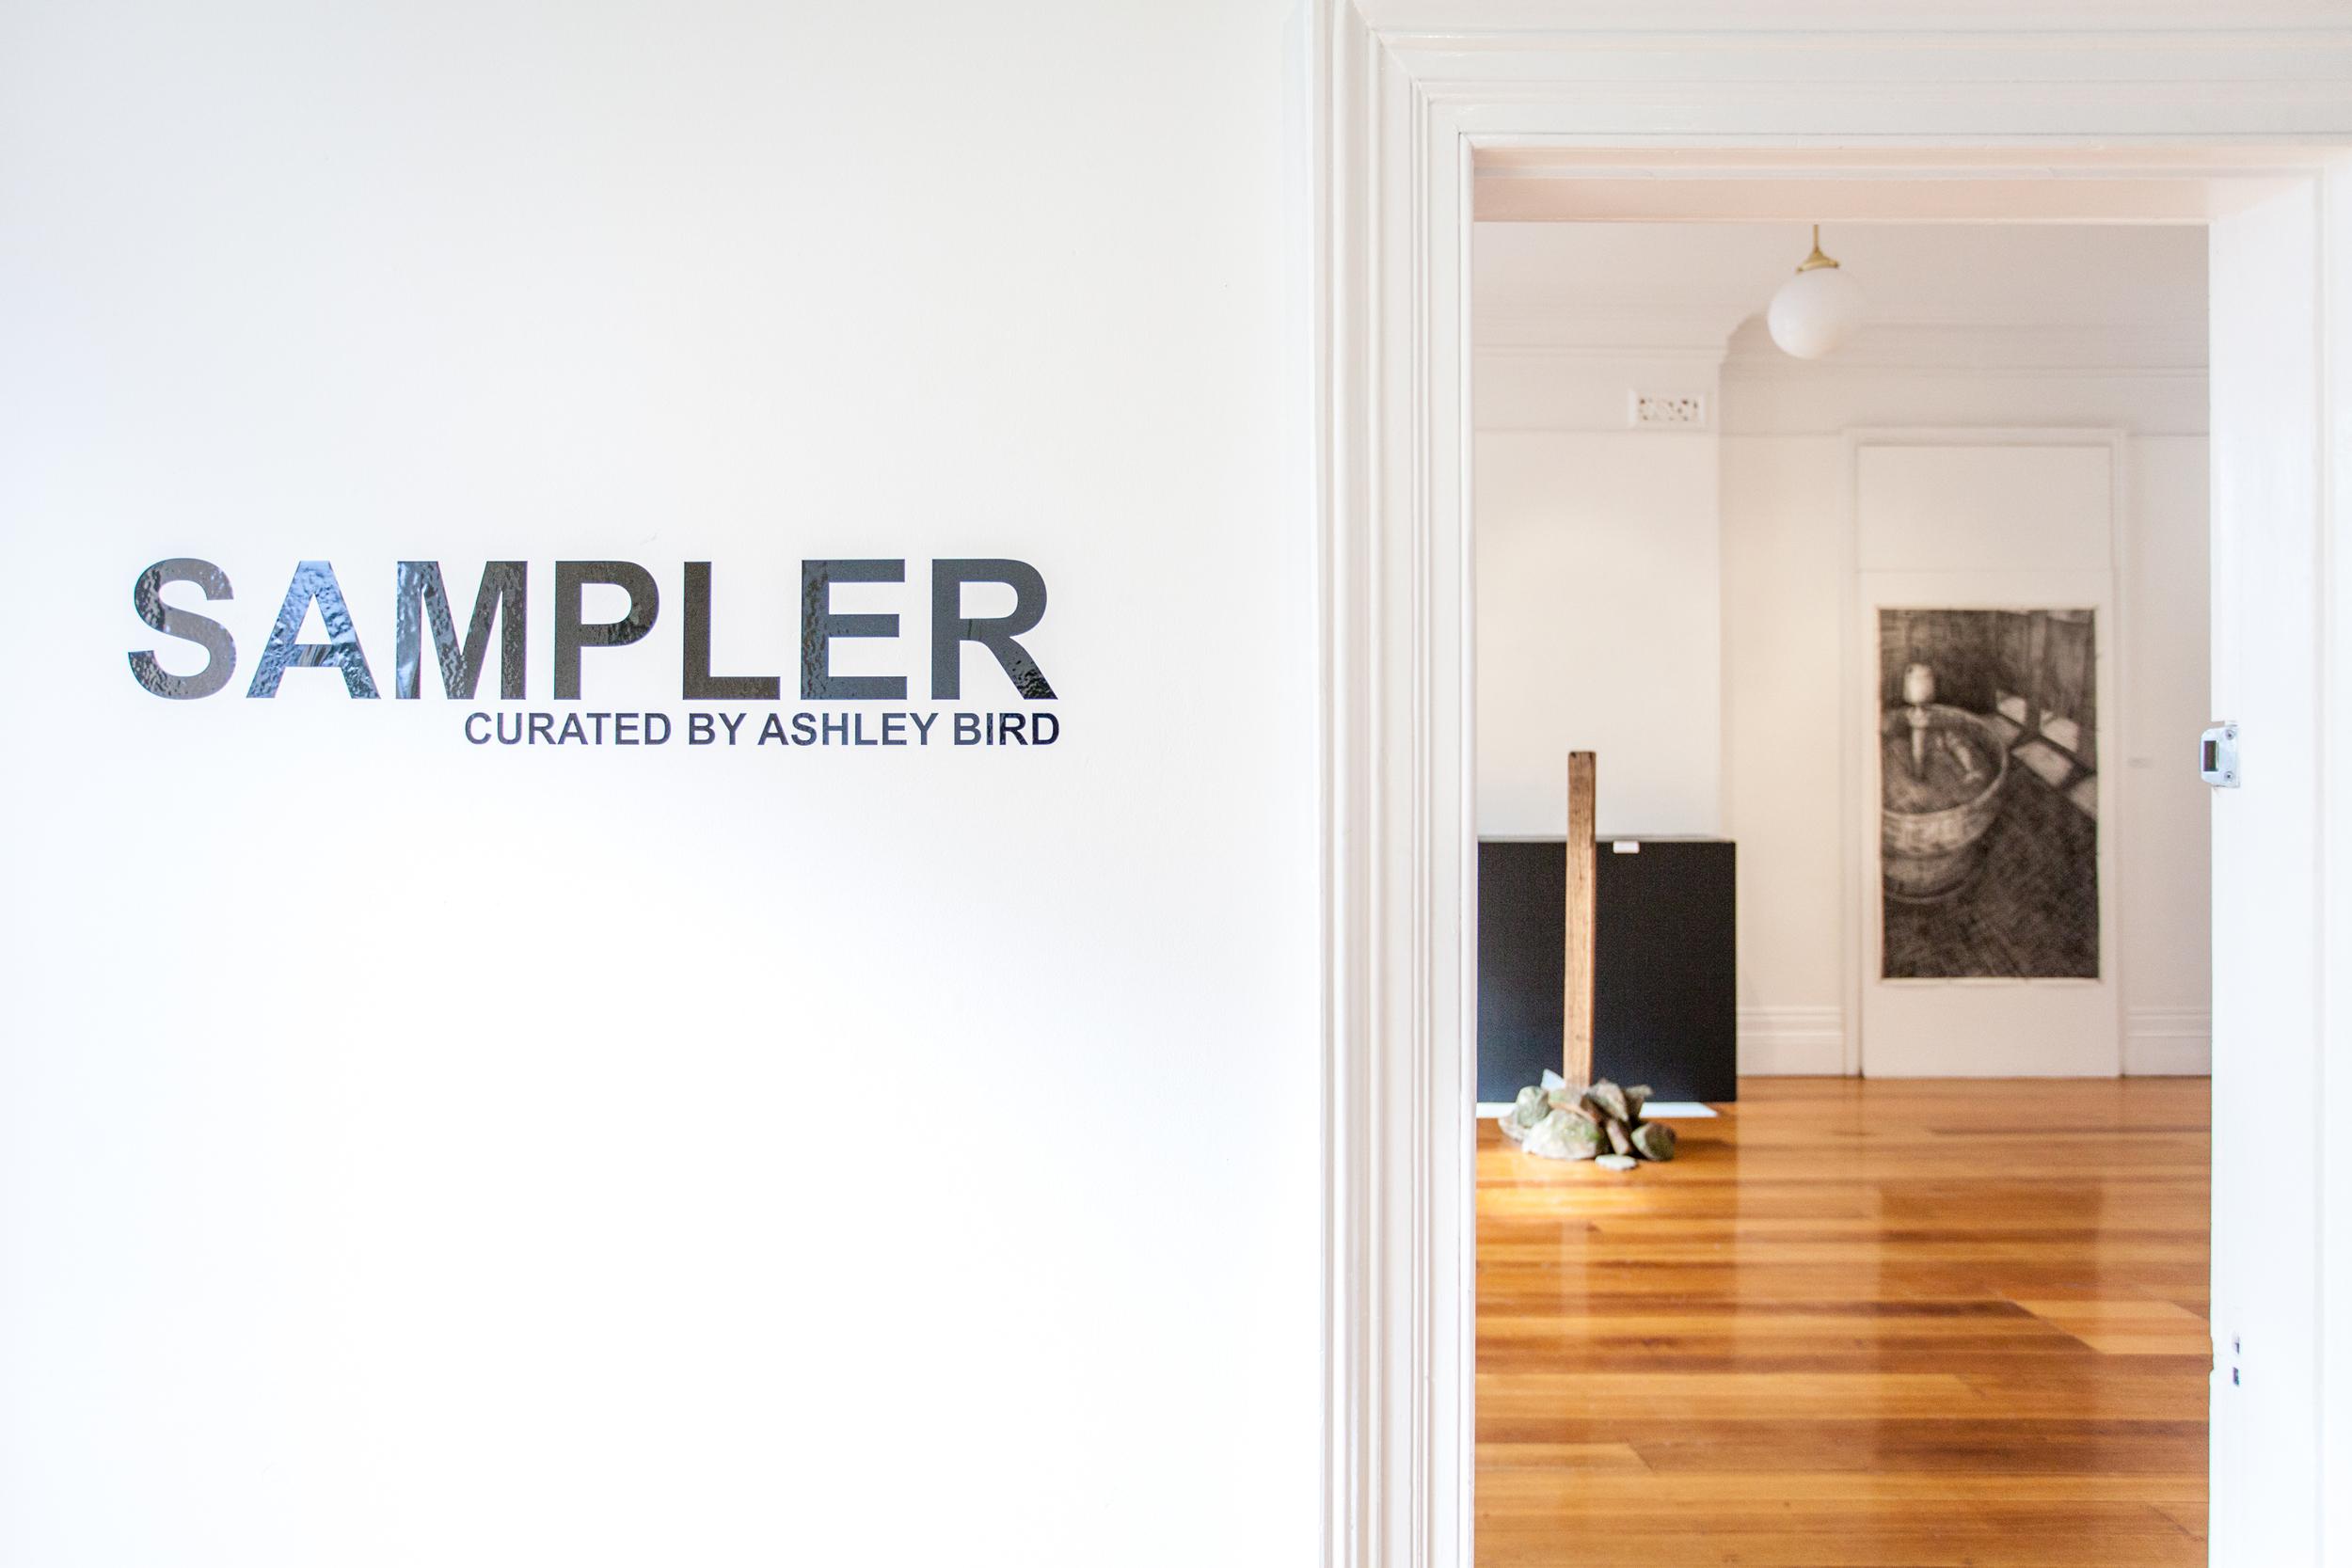 Sampler: Poimena Gallery 22nd August - 12th September 2014